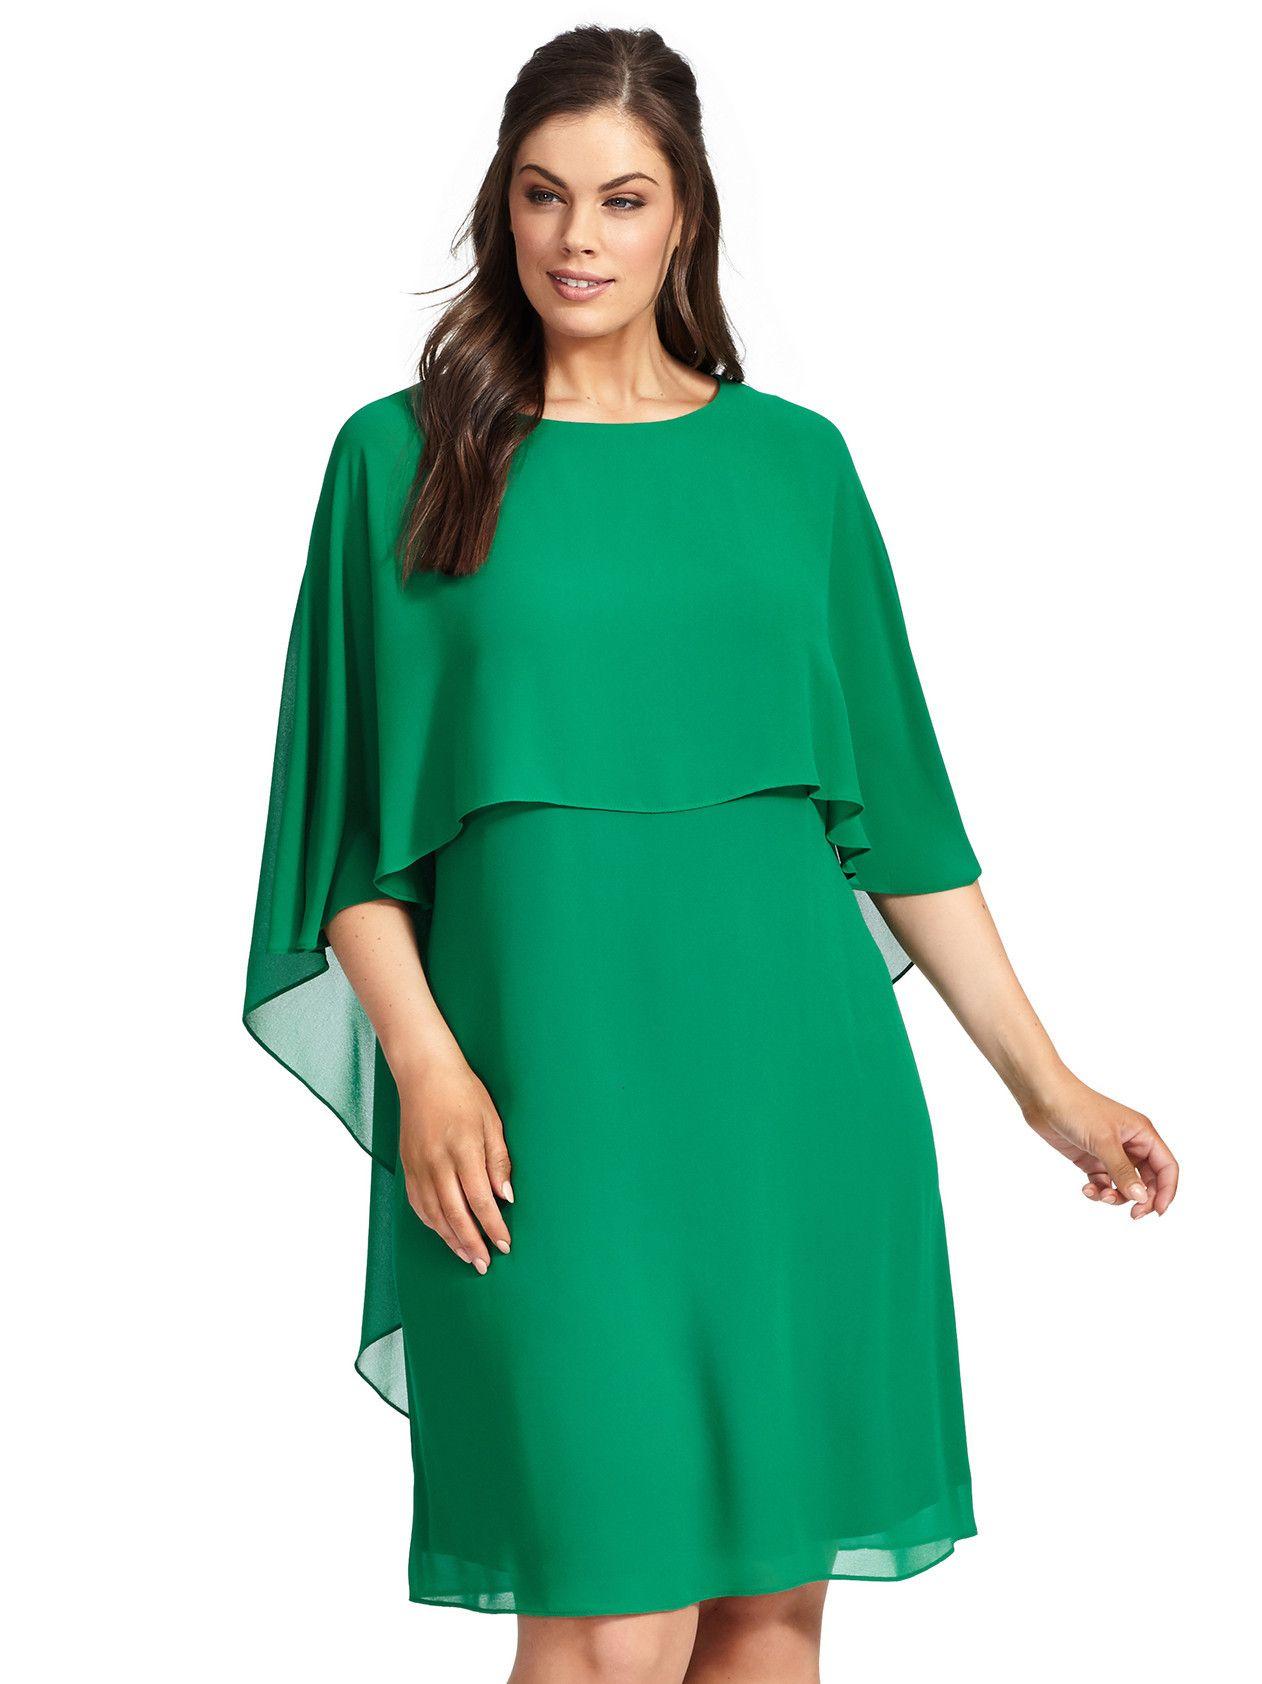 Mini Dress With Cape In Emerald Dresses Mini Dress Chiffon Shift Dress [ 1684 x 1262 Pixel ]